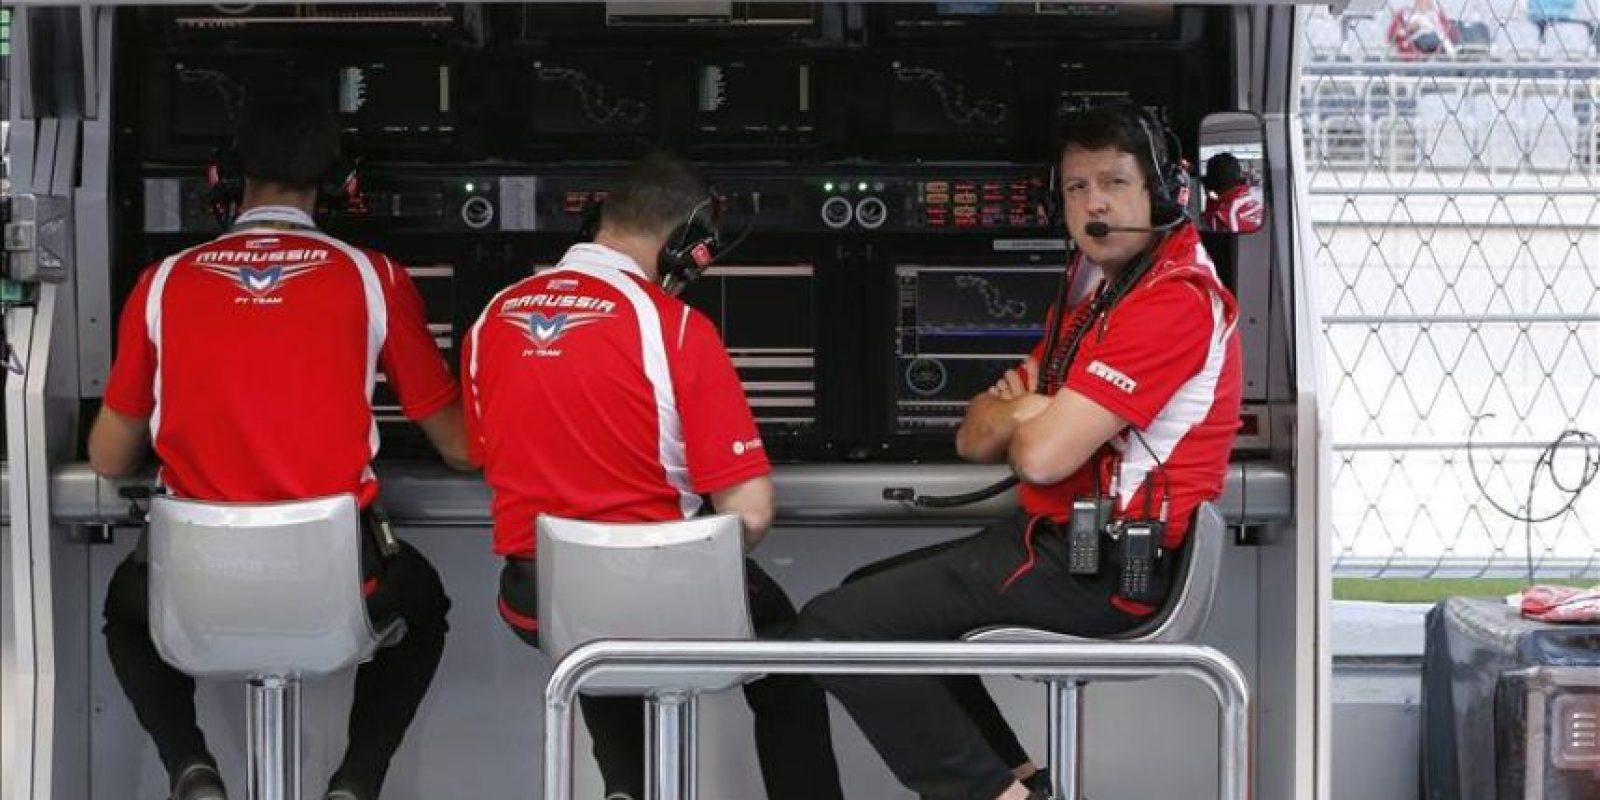 Miembros de la escudería Marussia F1 durante el primer entrenamiento libre para el Gran Premio de Rusia, decimosexta prueba del Mundial de Fórmula Uno, que se disputa en Sochi (Rusia), hoy, viernes 10 de octubre de 2014. EFE